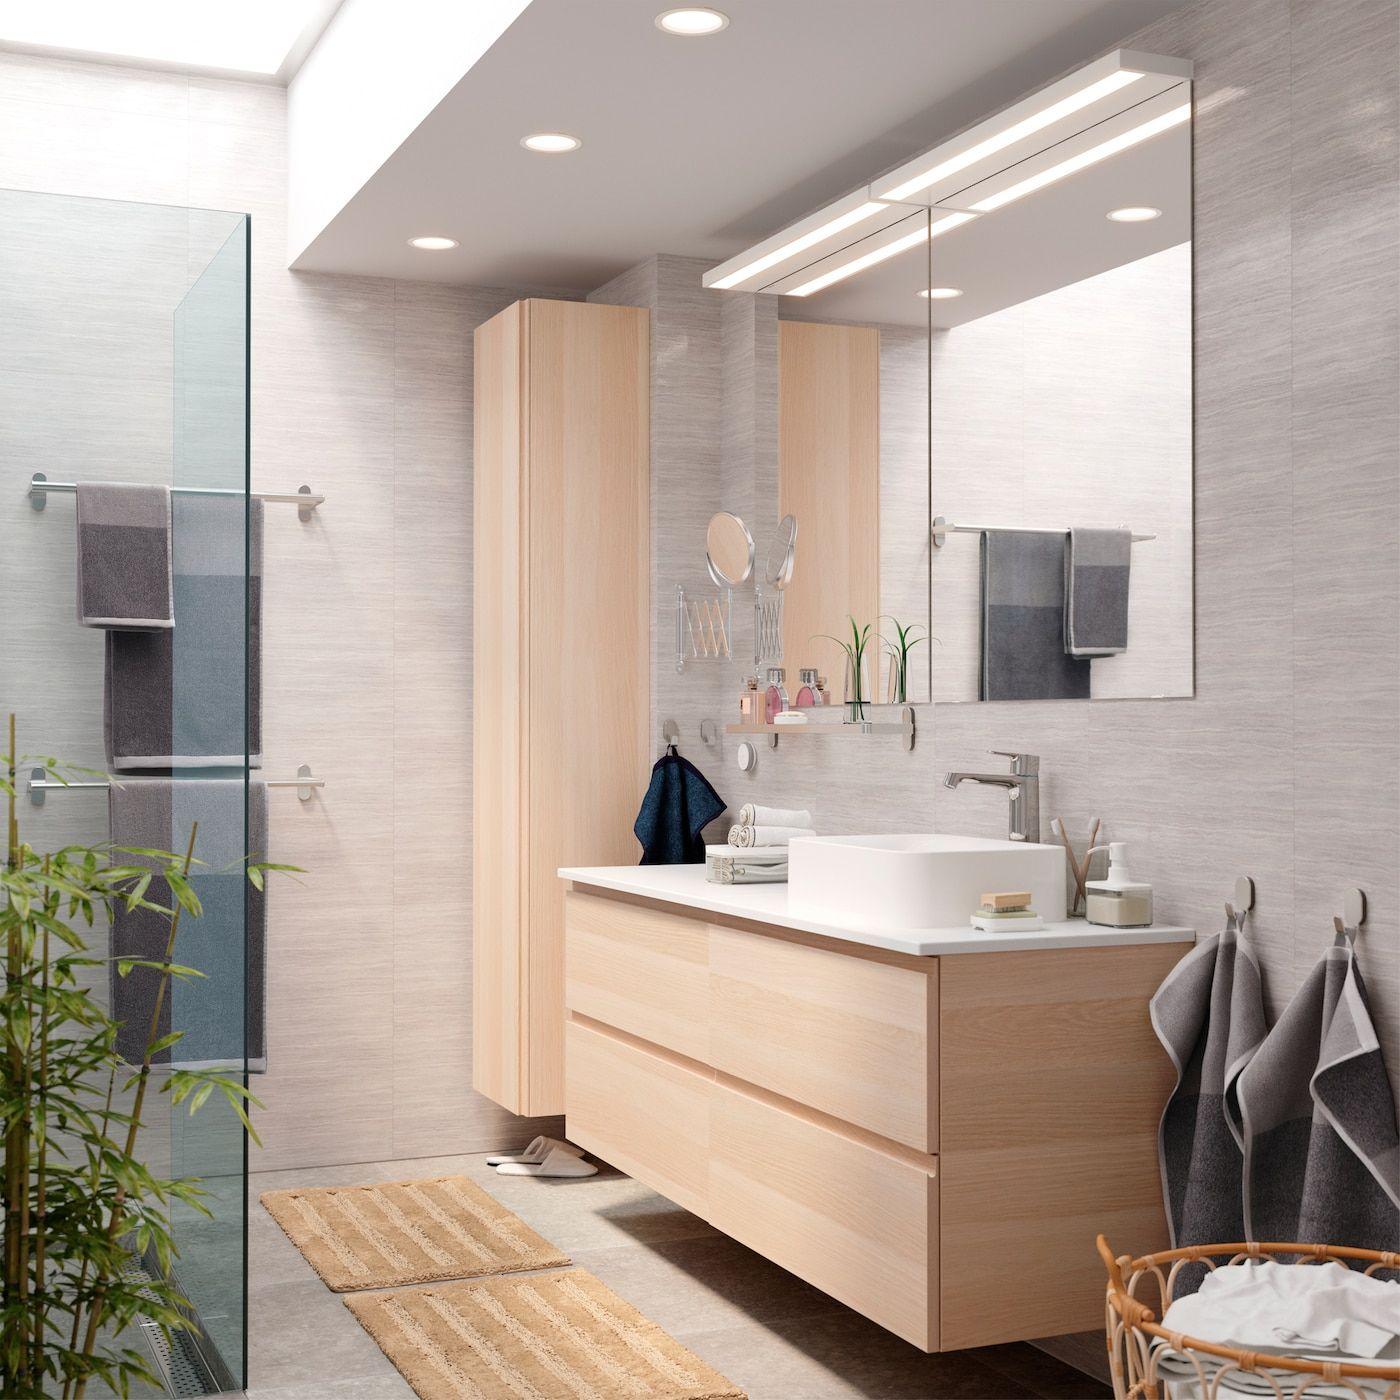 Badezimmer Mit Verstecktem Stauraum Ikea Bathroom Small Bathroom Decor Bathroom Decor